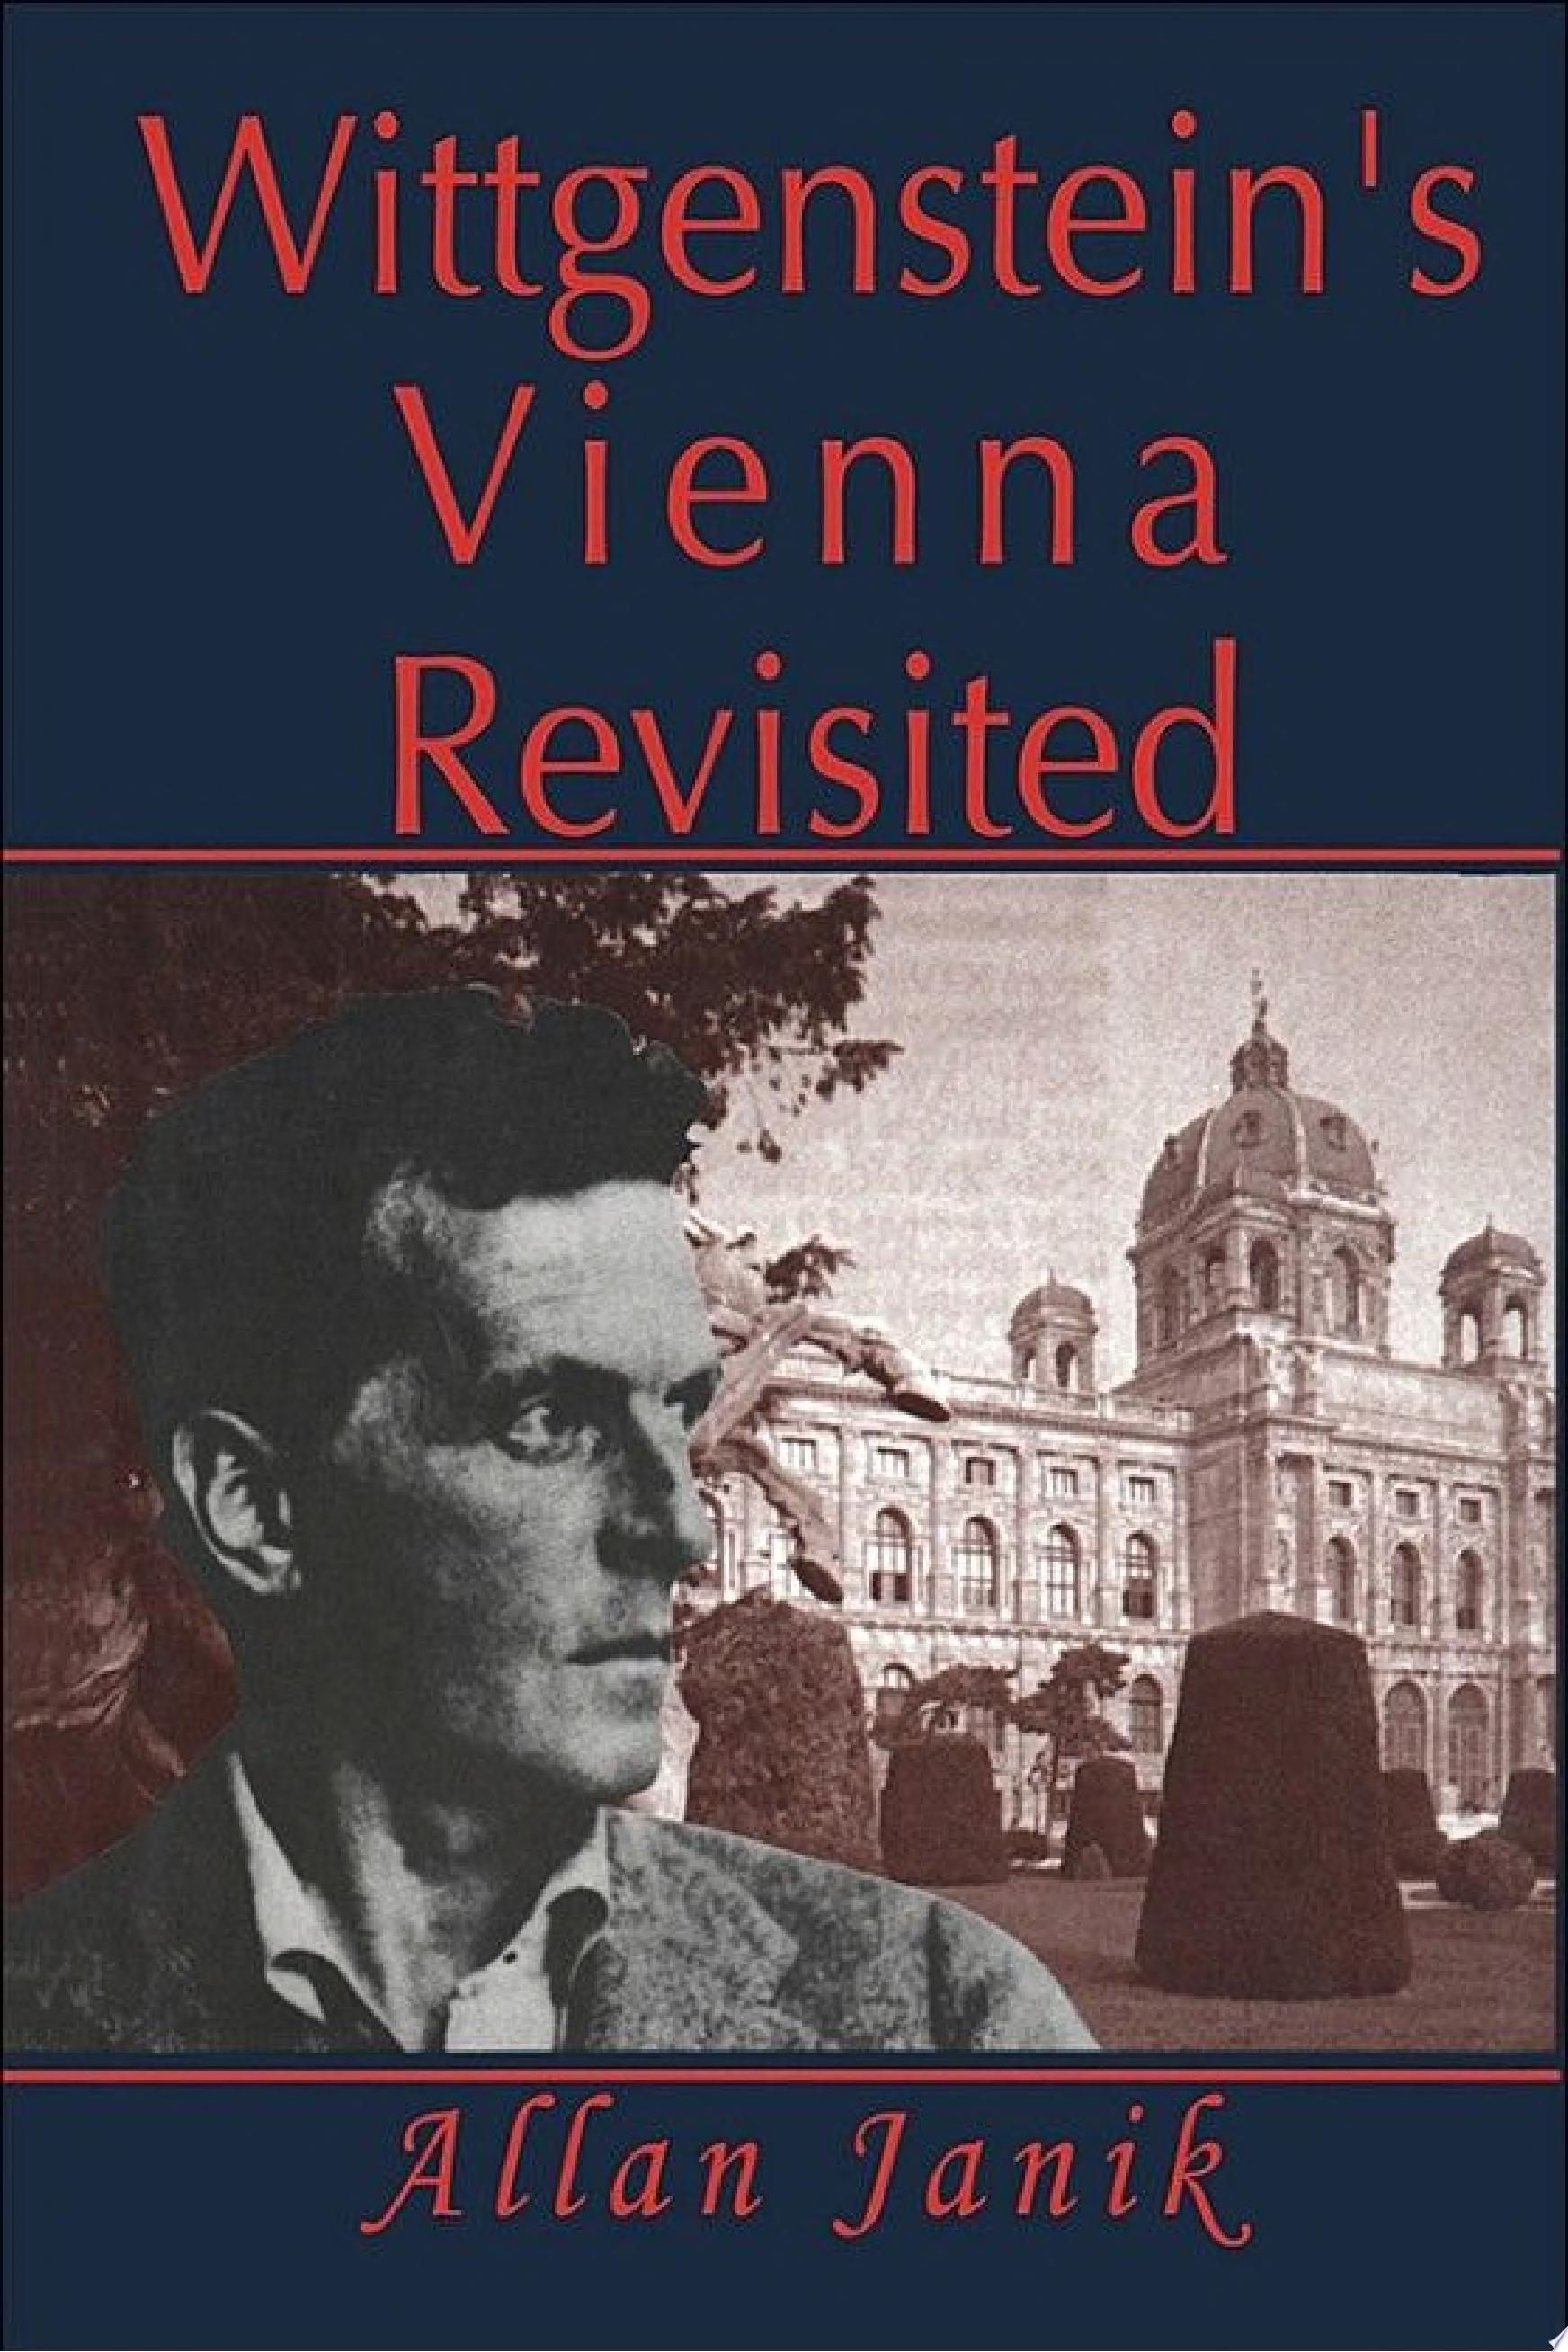 Wittgenstein s Vienna Revisited